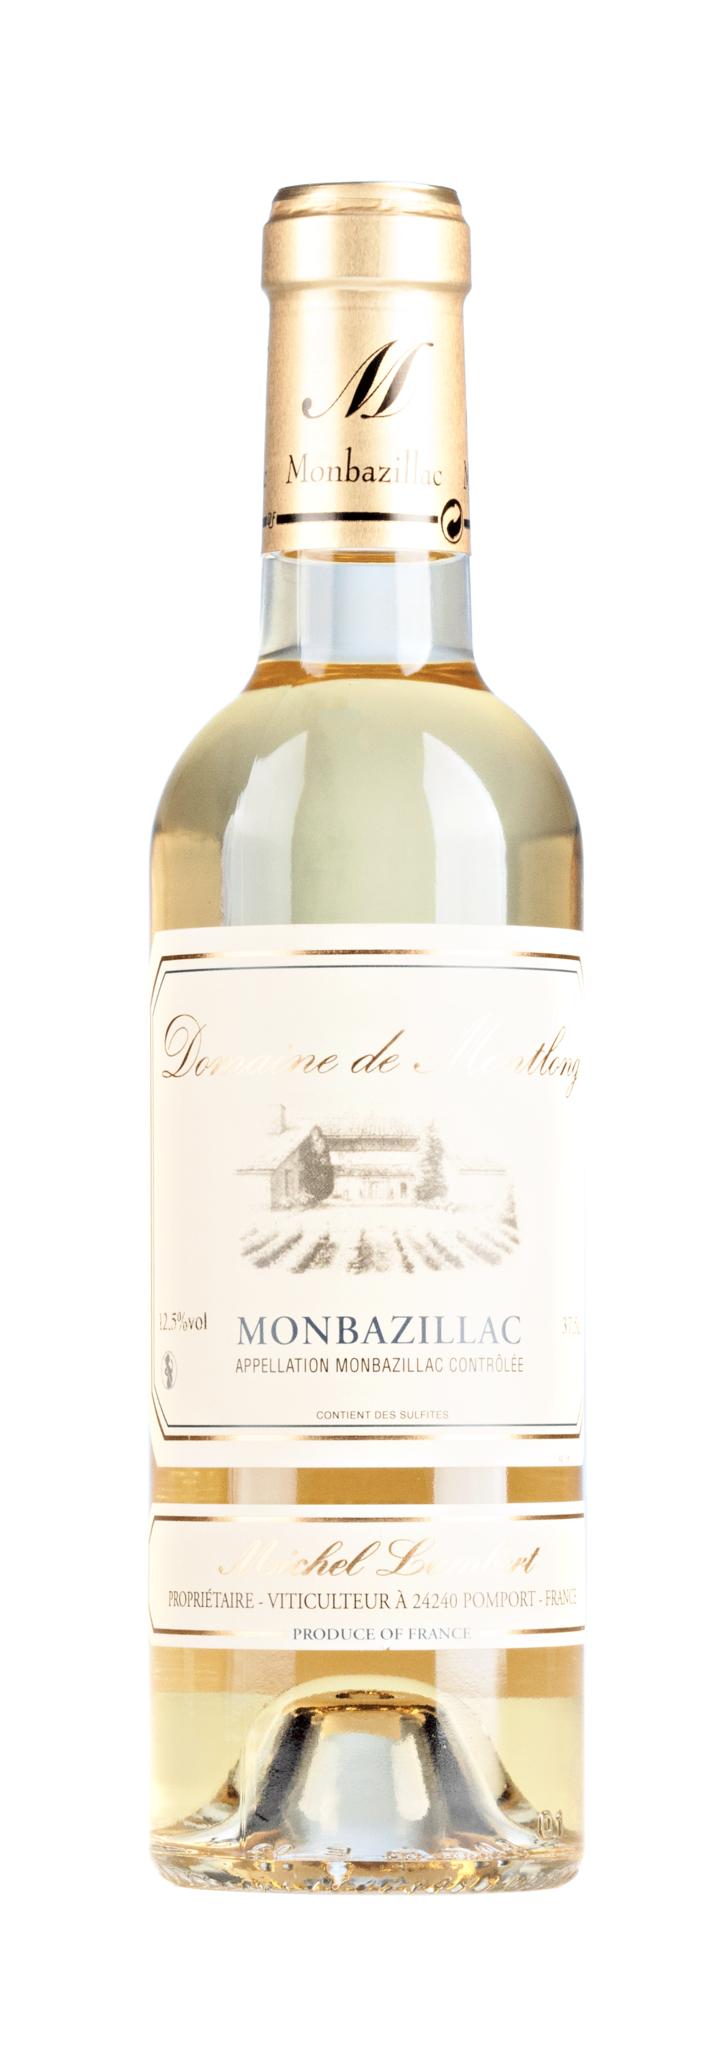 Frankreich Diverse 2018 Monbazillac AOP, Domaine de Montlong 0,375L